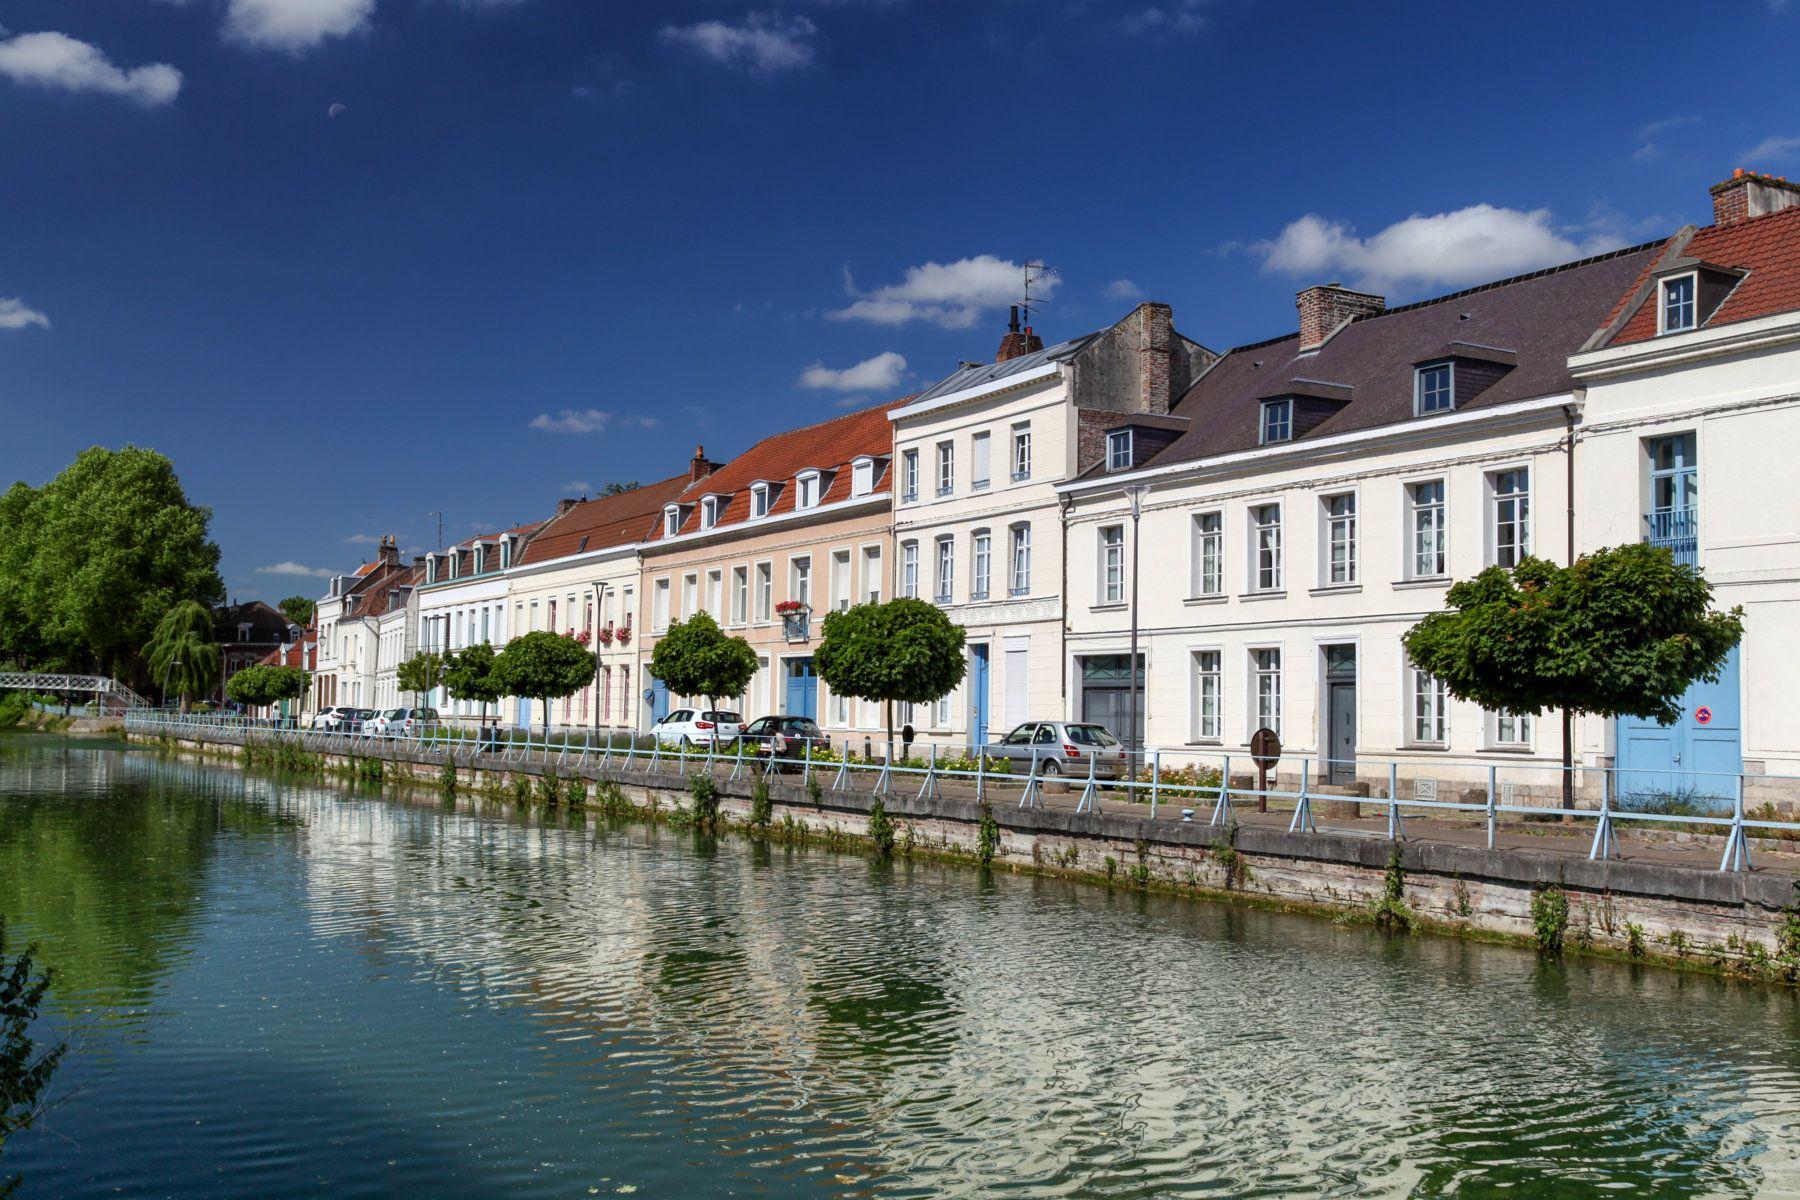 Quand mettre en vente sa maison à Douai ? Quel est le meilleur moment pour vendre son bien immobilier dans le douaisis ?